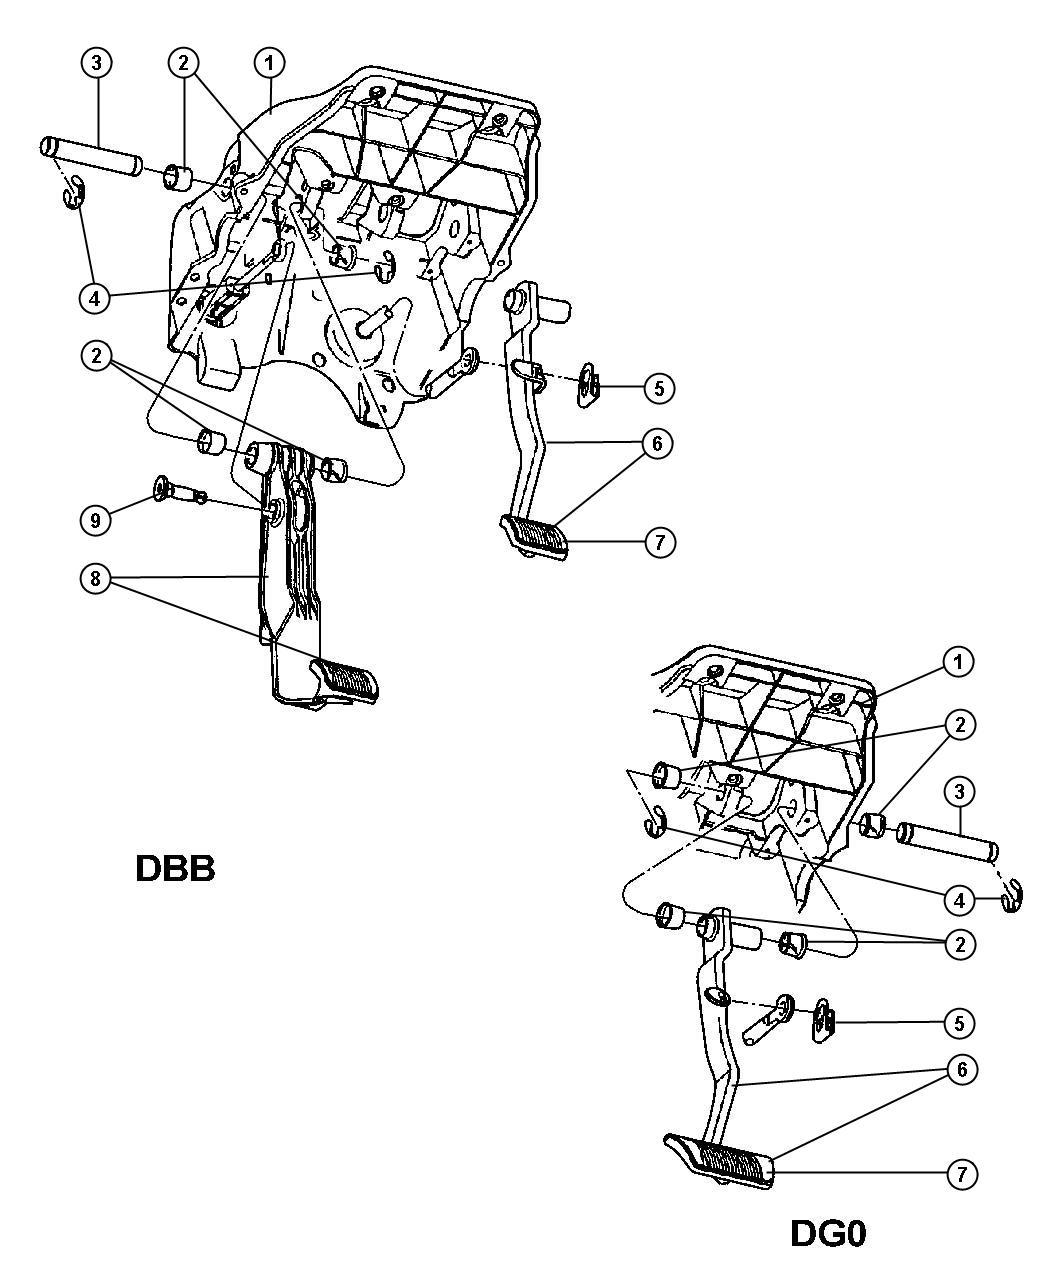 Dodge Ram 1500 Shaft. Brake pedal pivot, pedal pivot